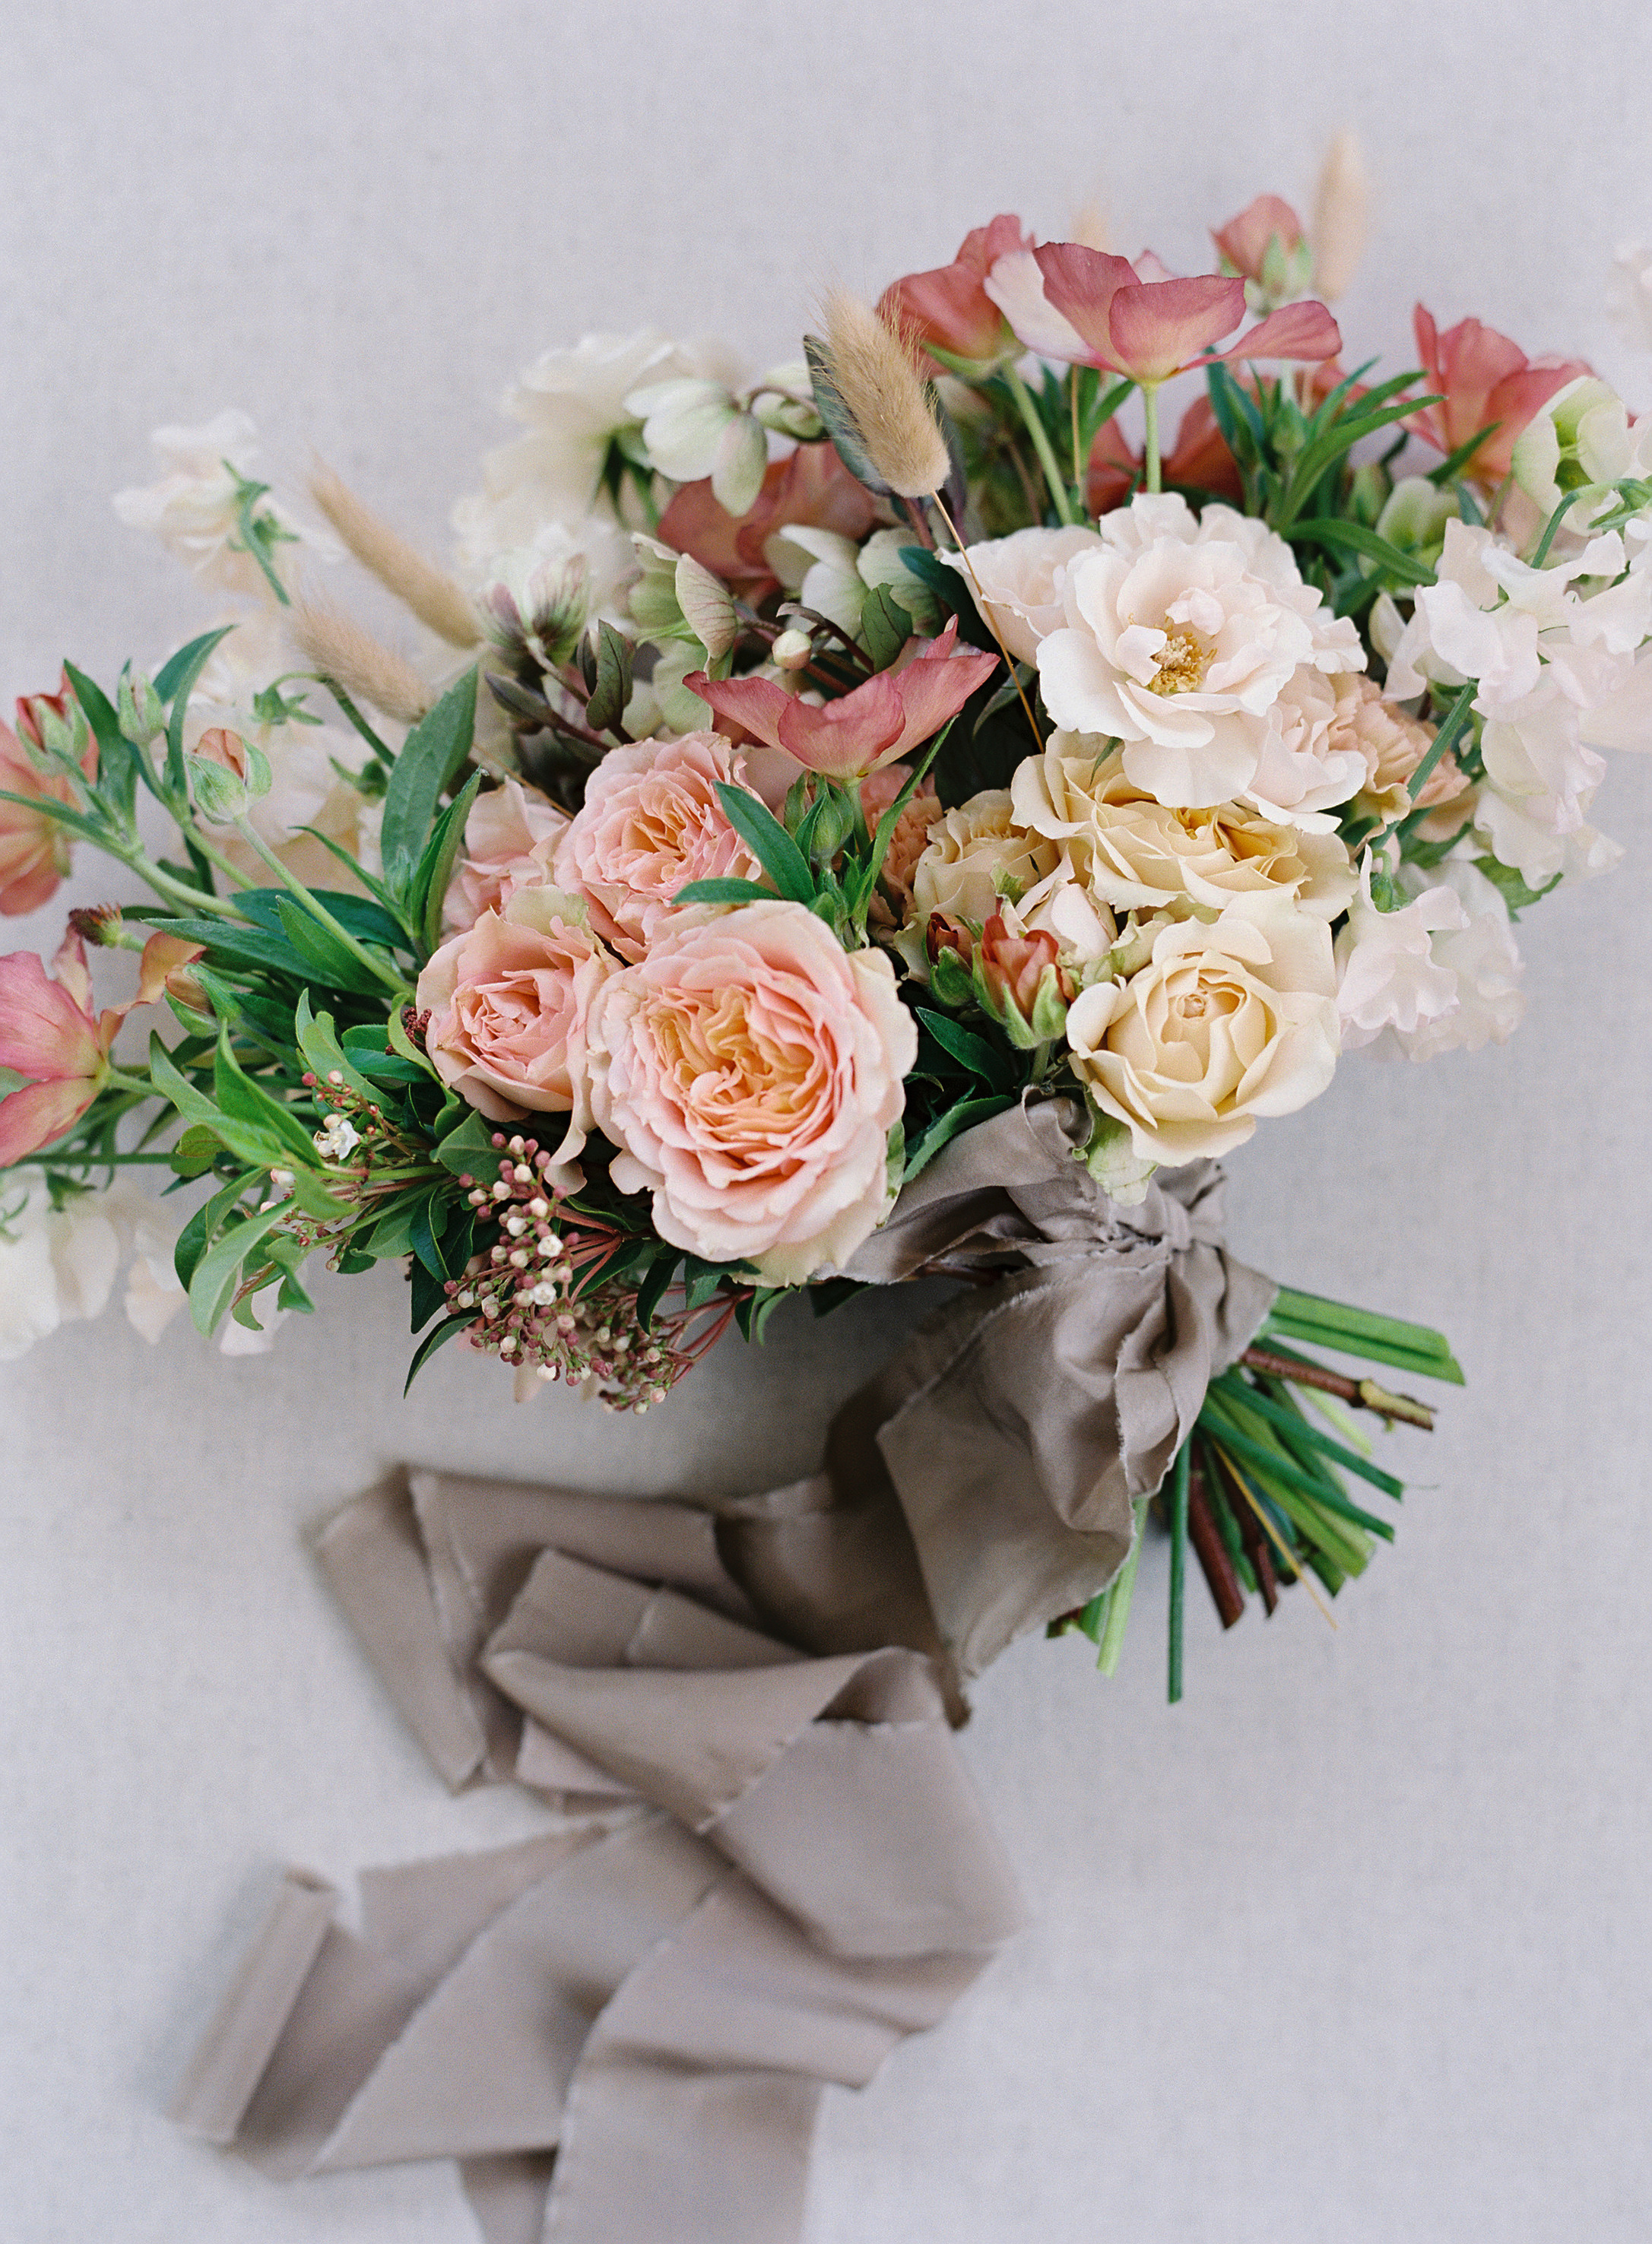 10-Wedding_Bouquet_by_Ellamah-Photo_by_Christine_Donee.jpg